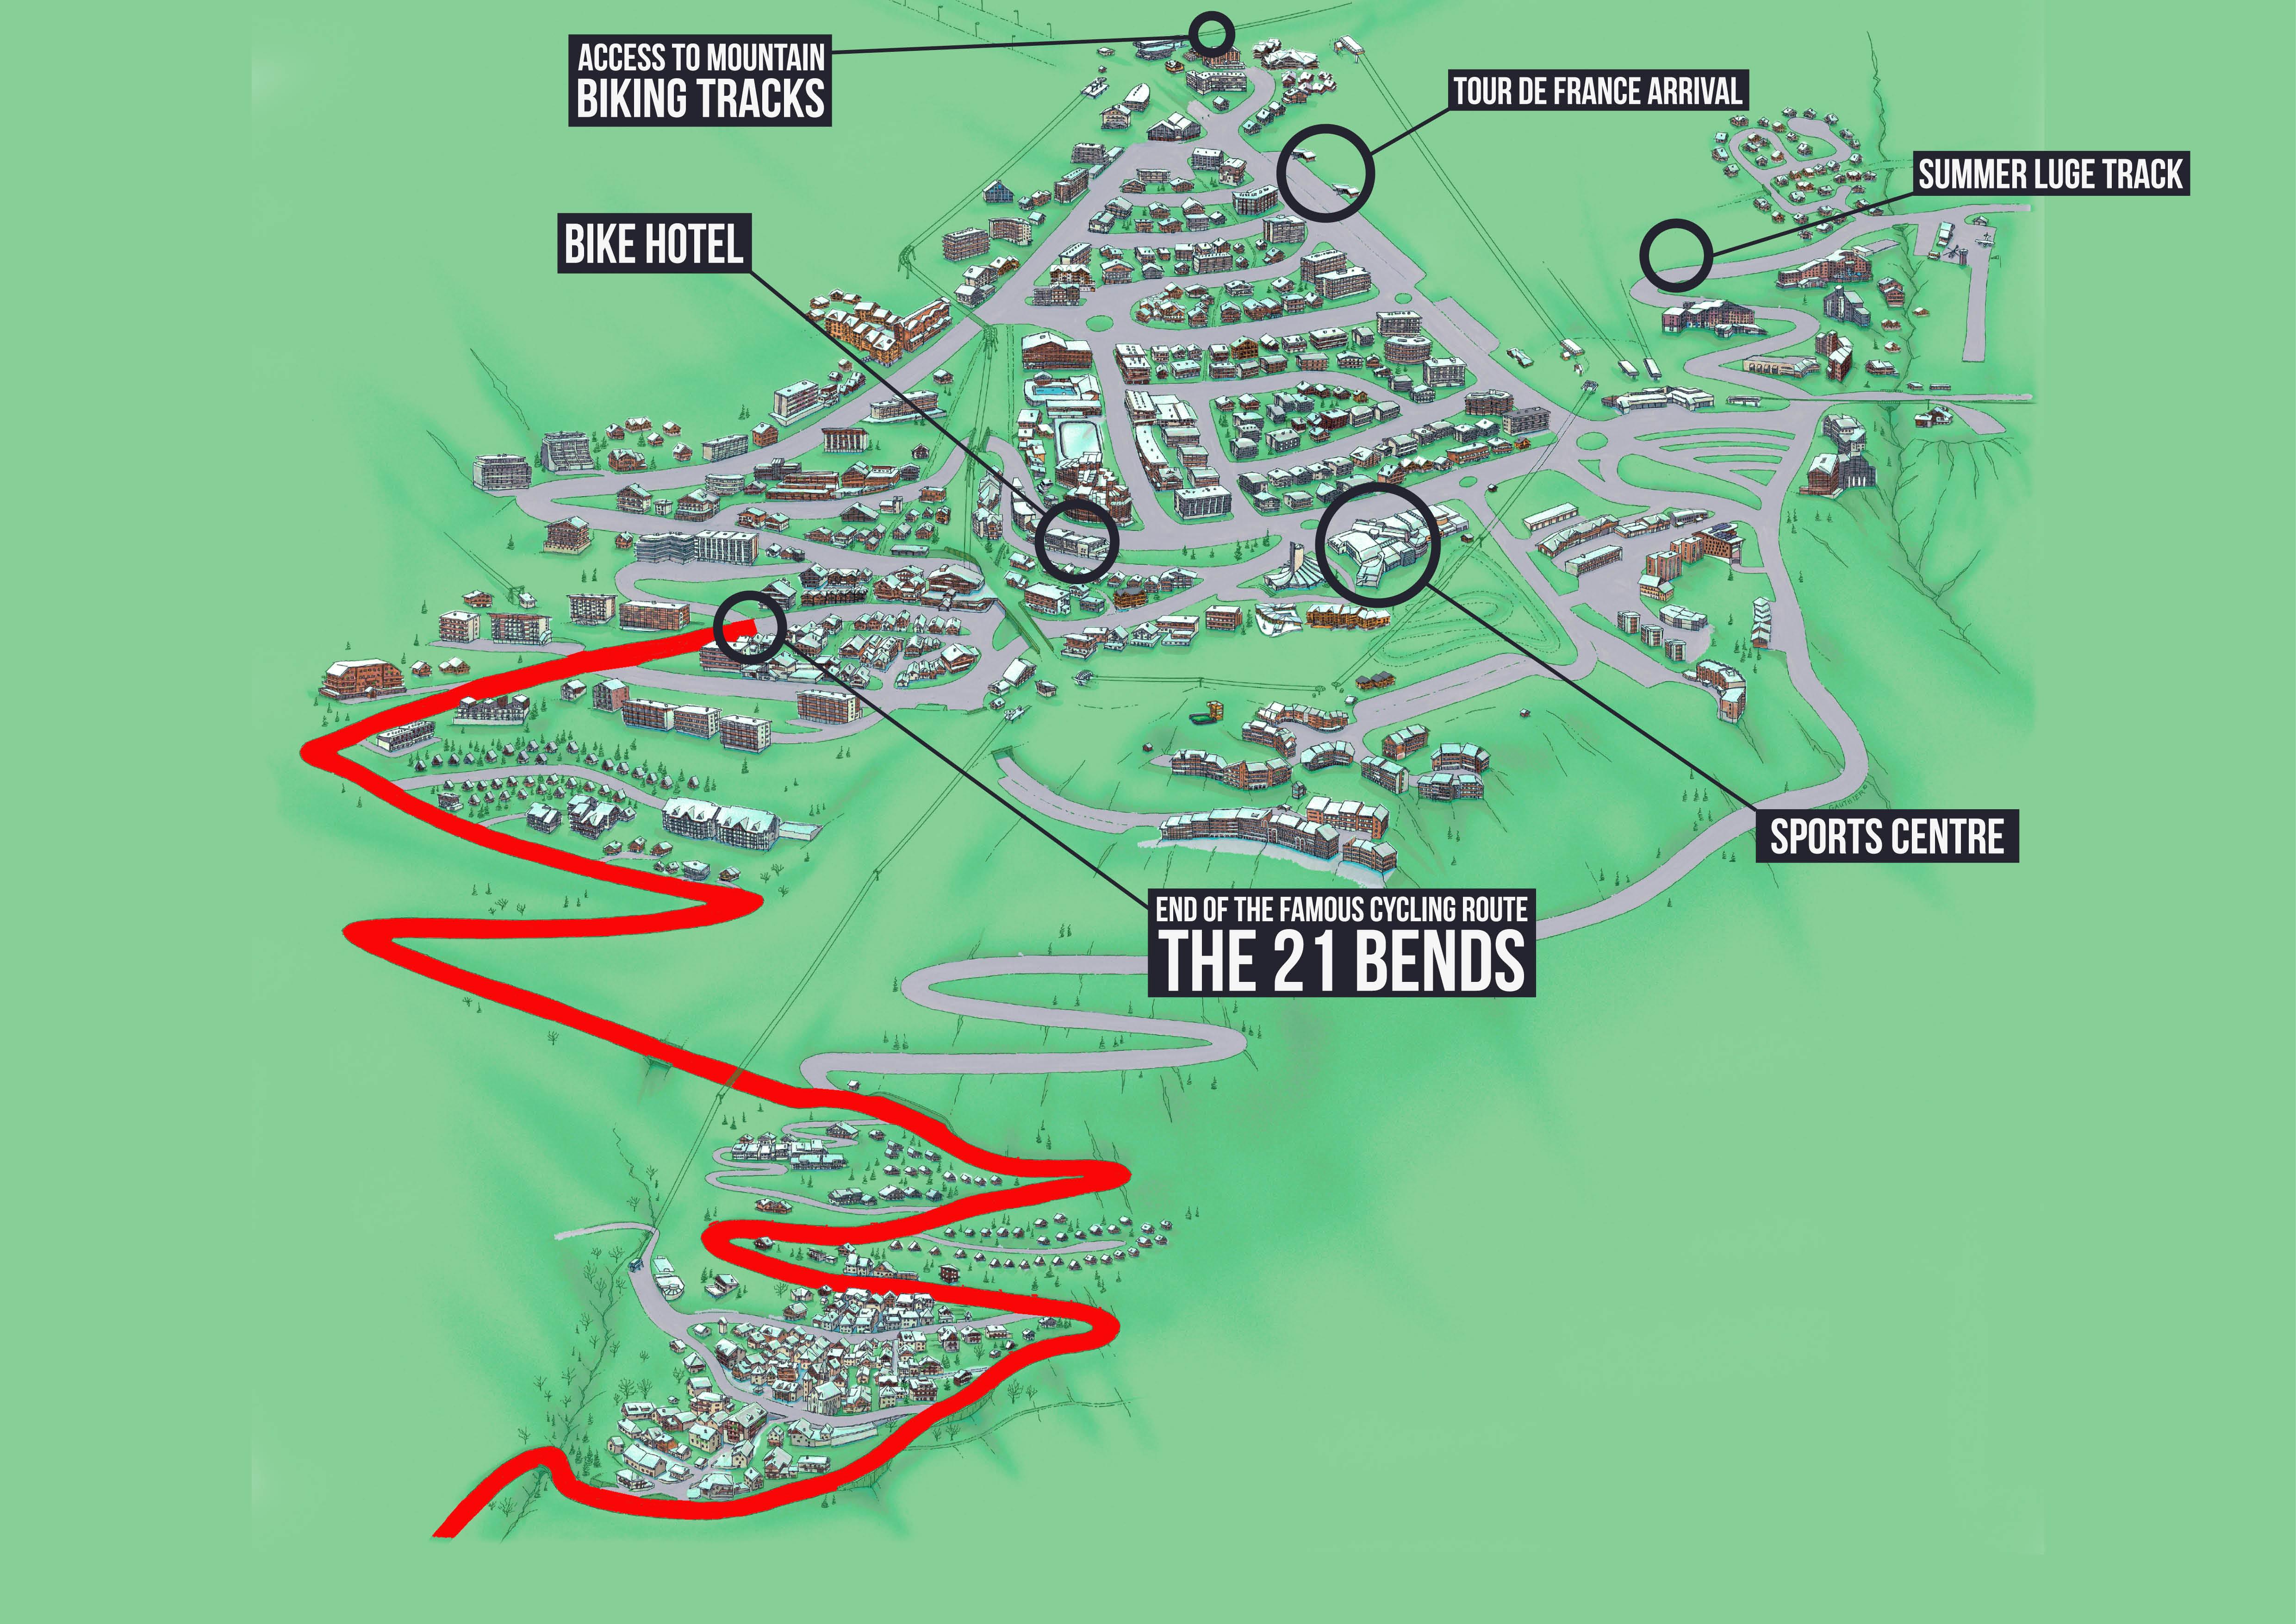 Tour de France map - SkiBound holidays Alpe d'Huez Bike Resort hotel